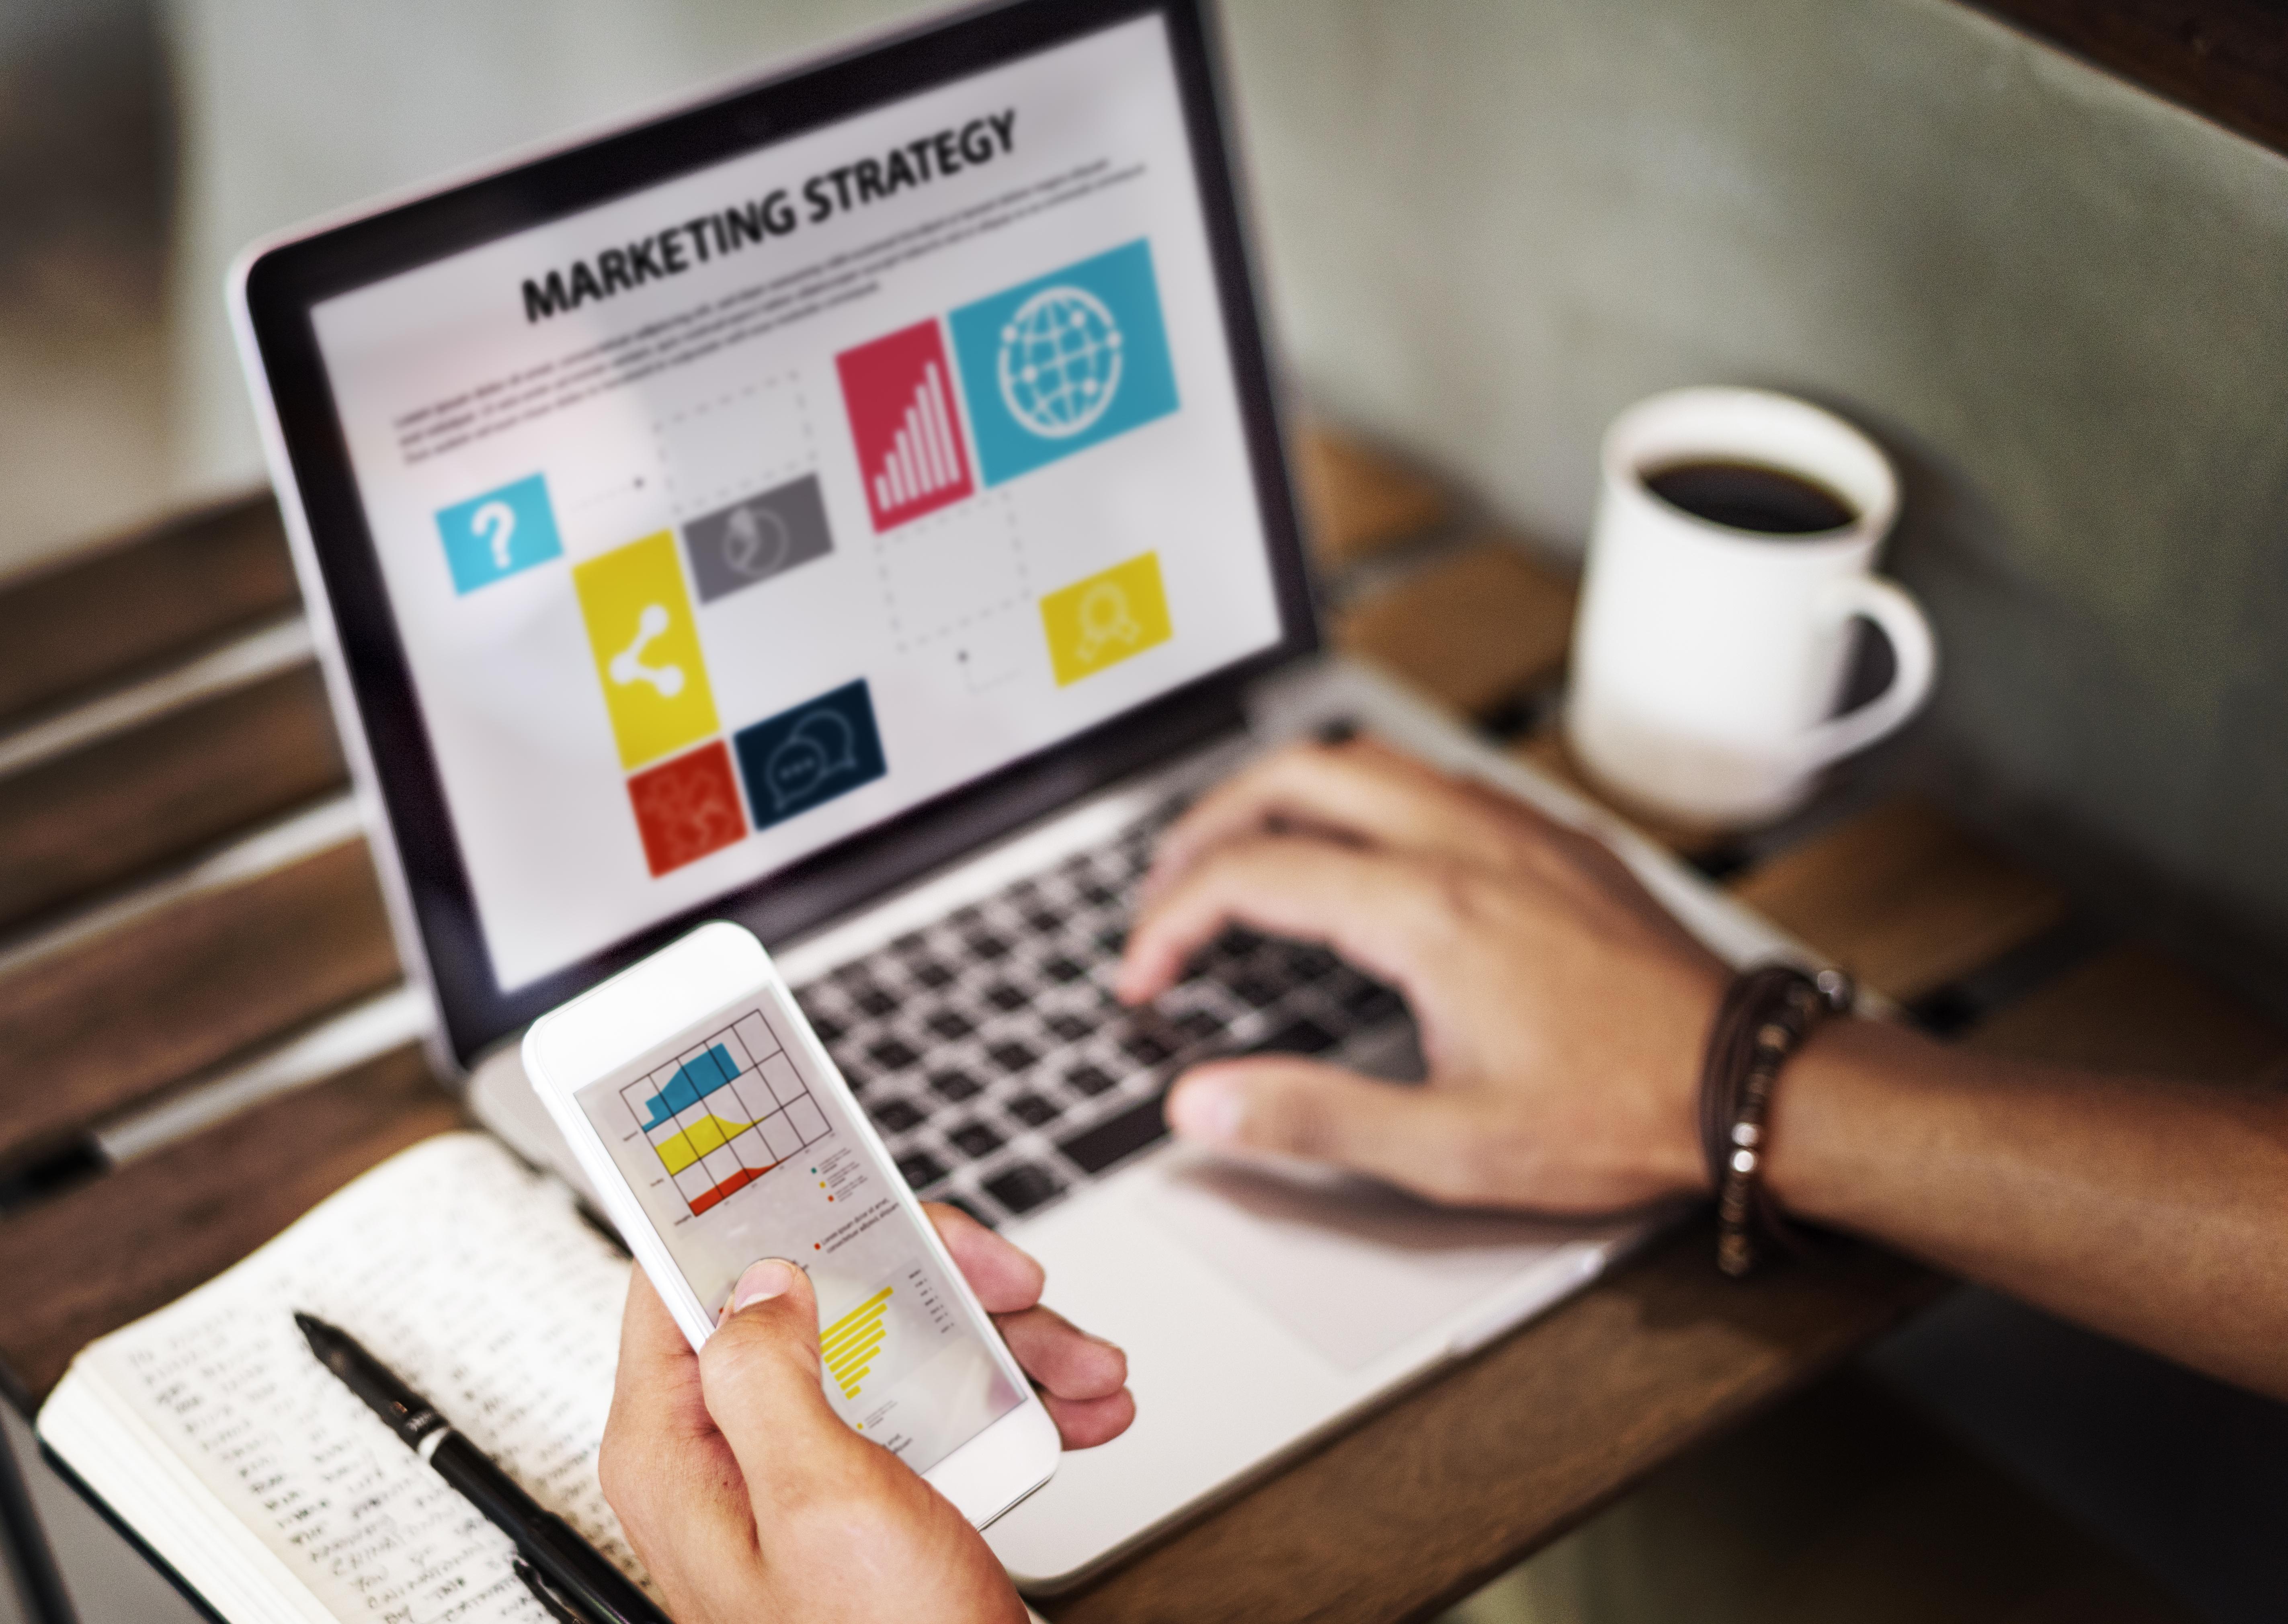 أفضل 5 أدوات للتسويق الإلكتروني